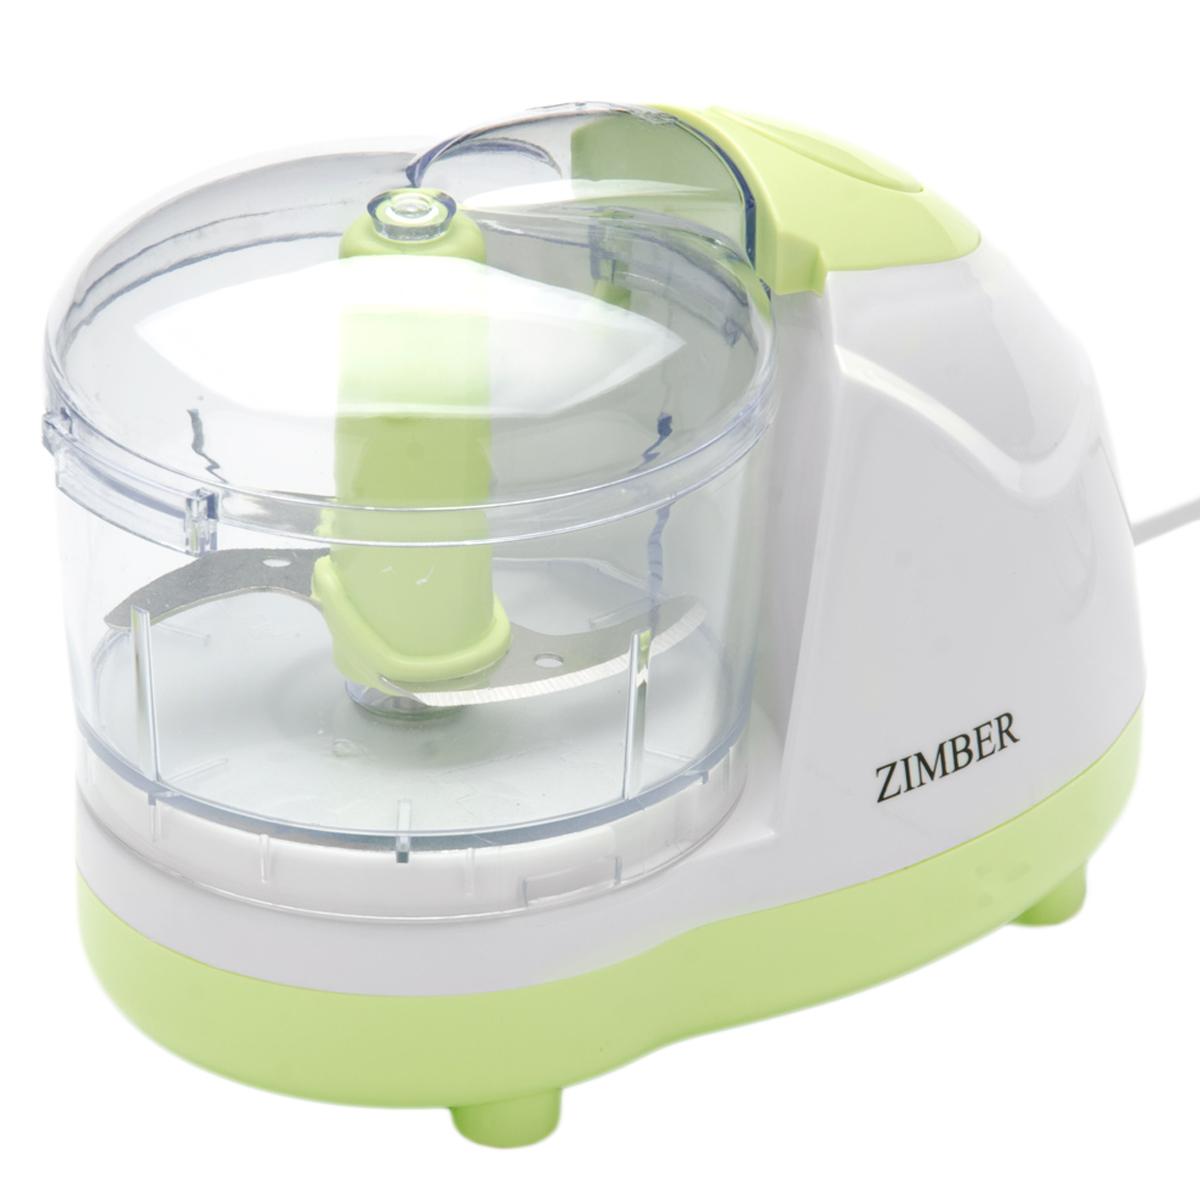 Zimber ZM-10992 измельчительZM-10992